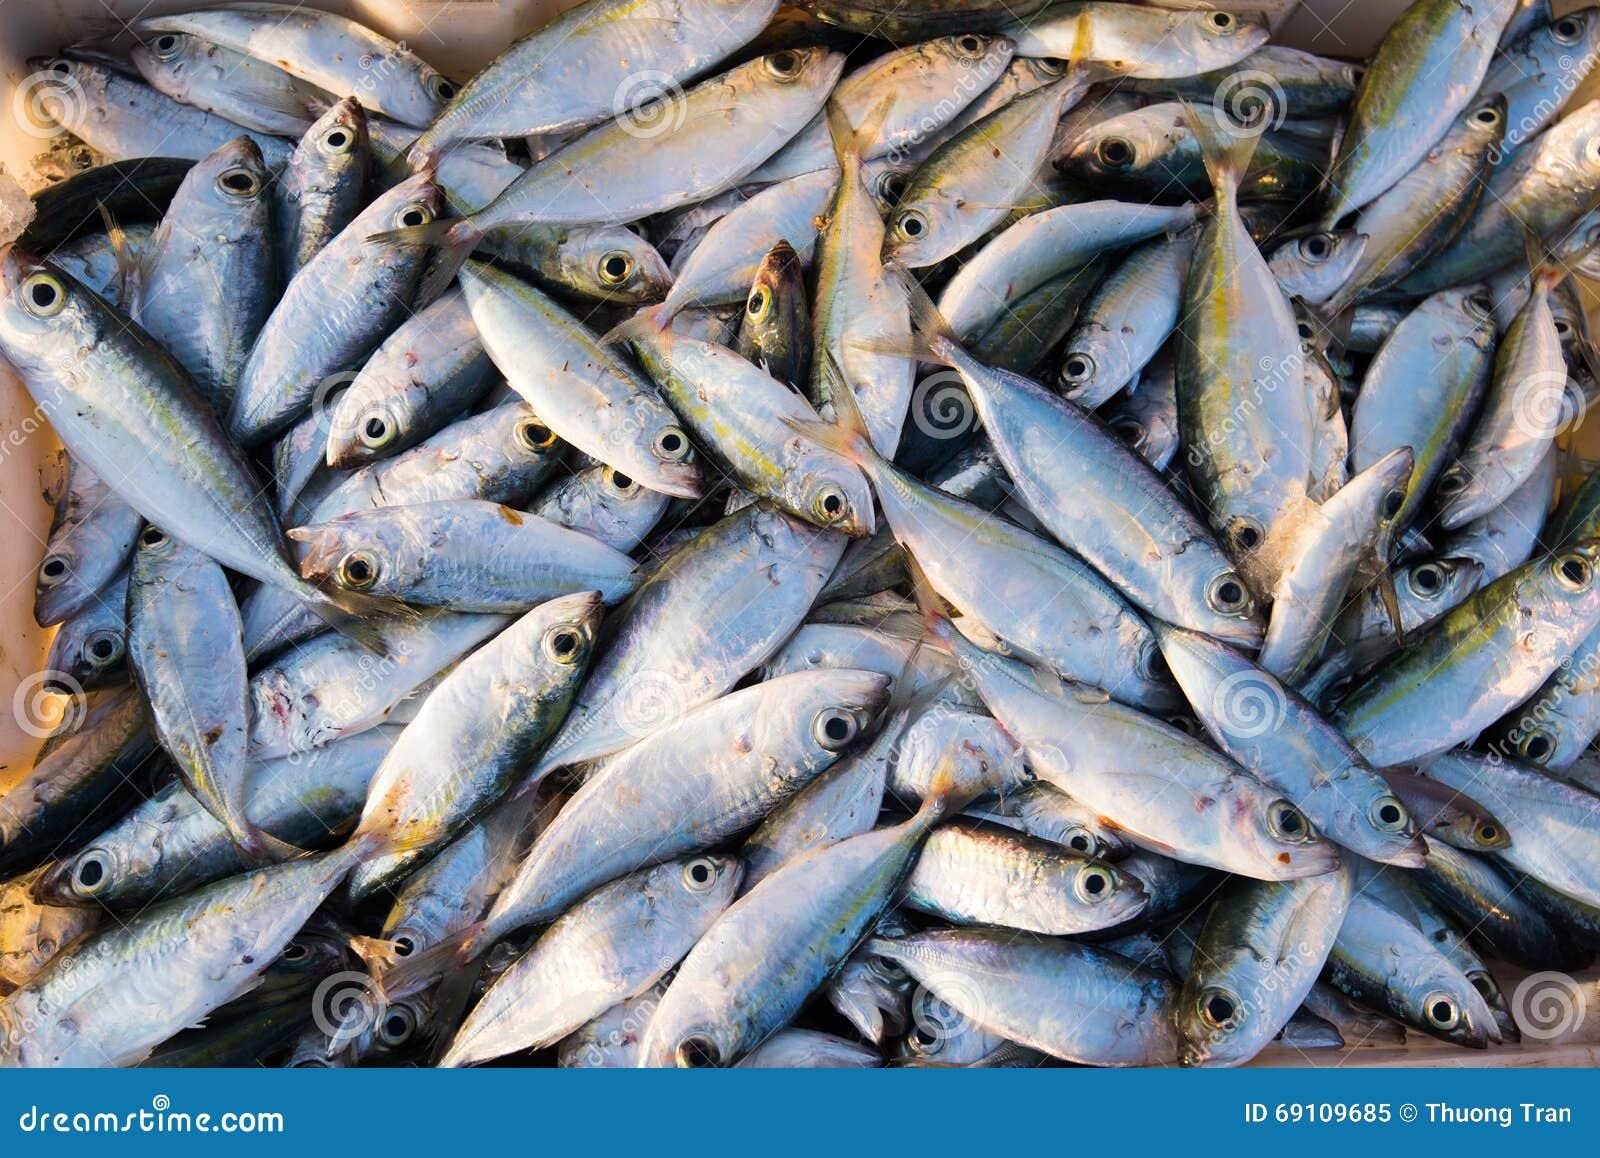 Magasin av rå fiskar